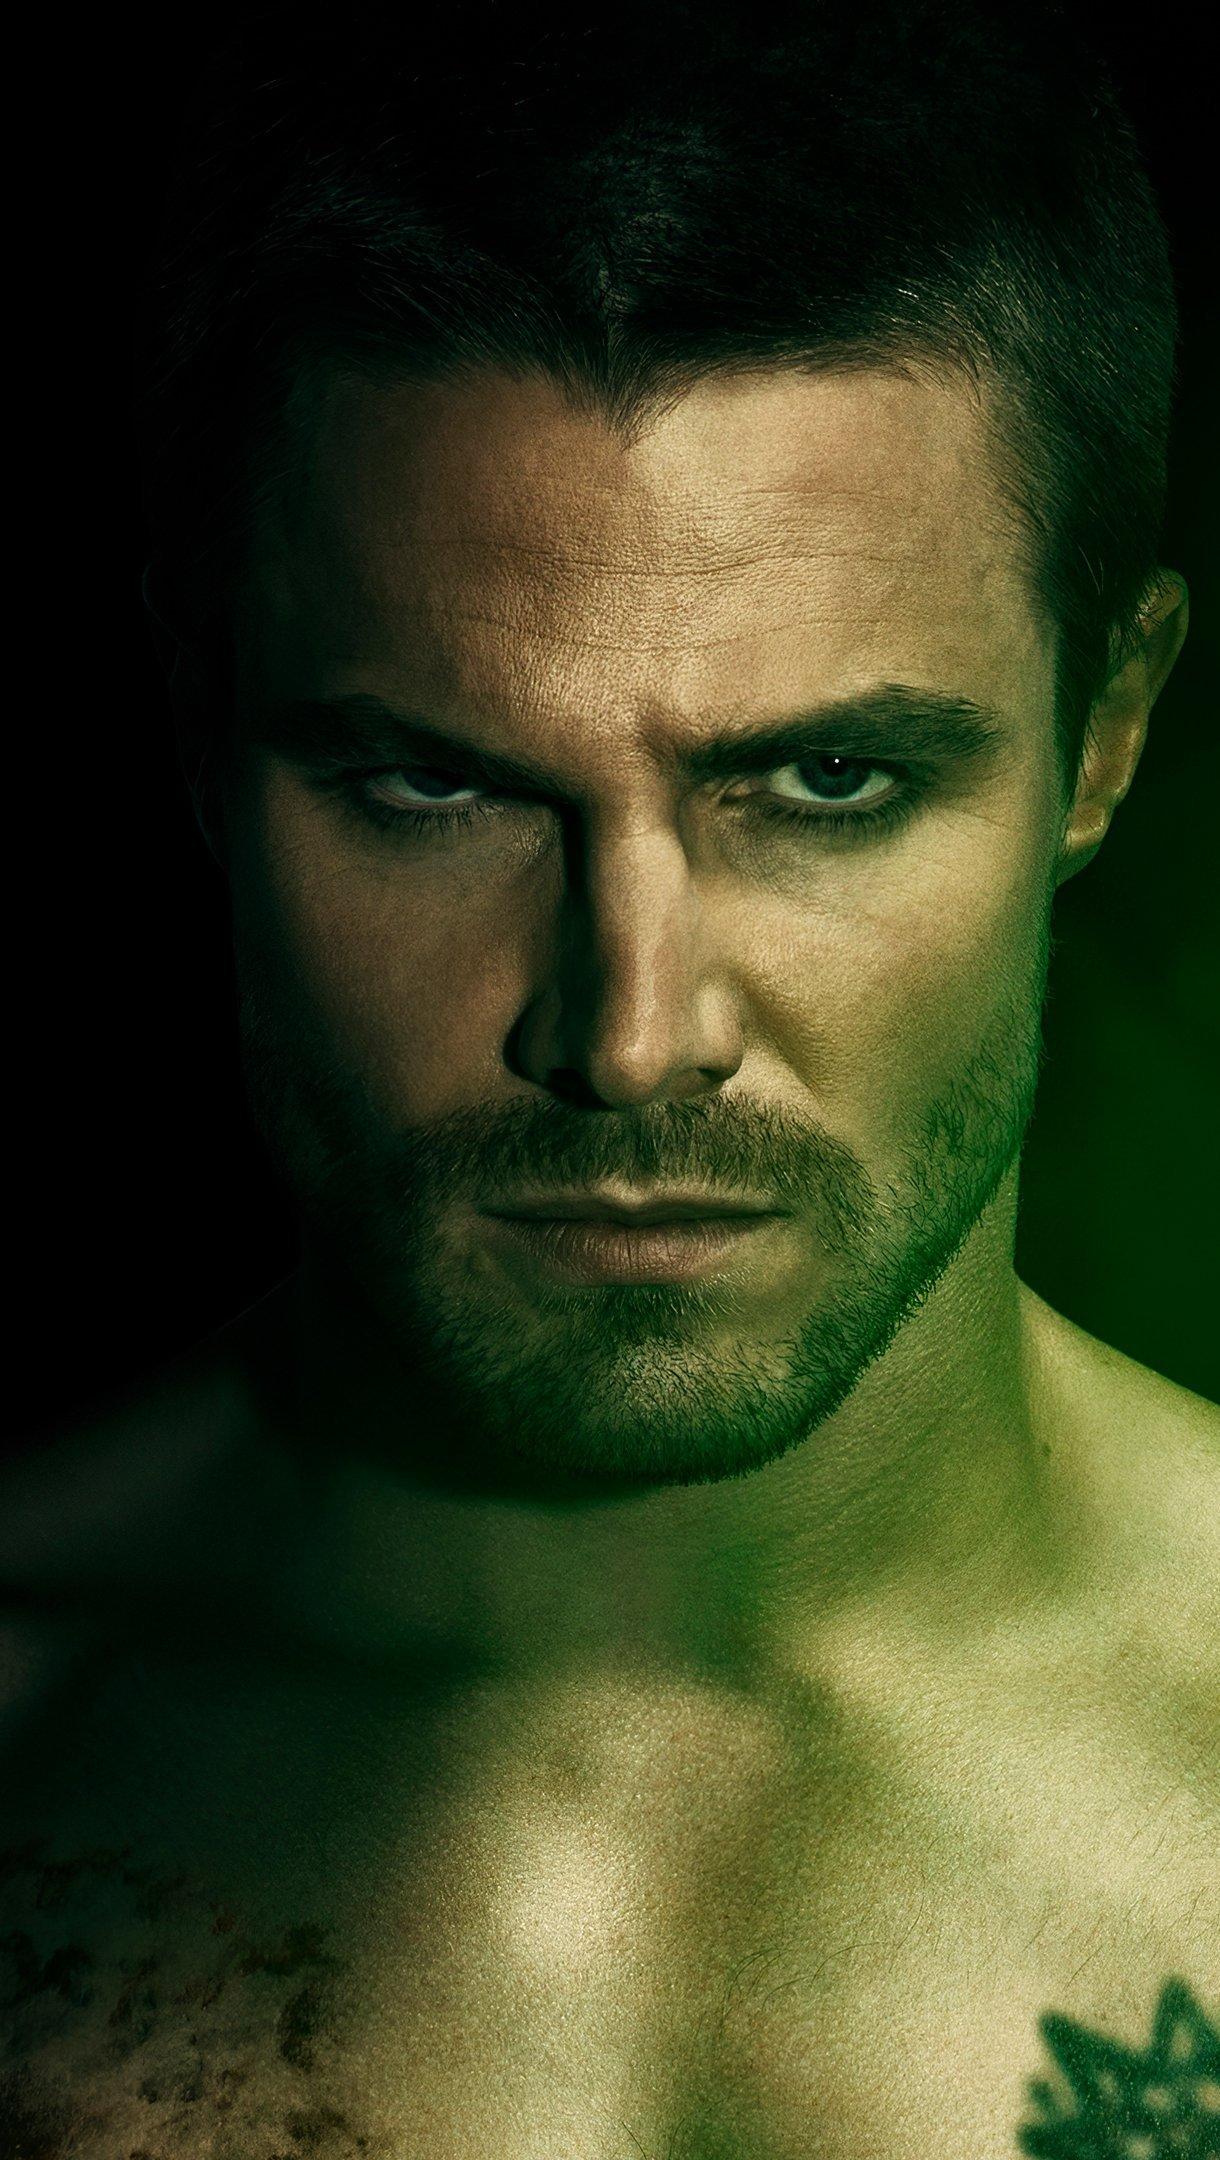 Fondos de pantalla Stephen Amell como Oliver Queen en Arrow Vertical